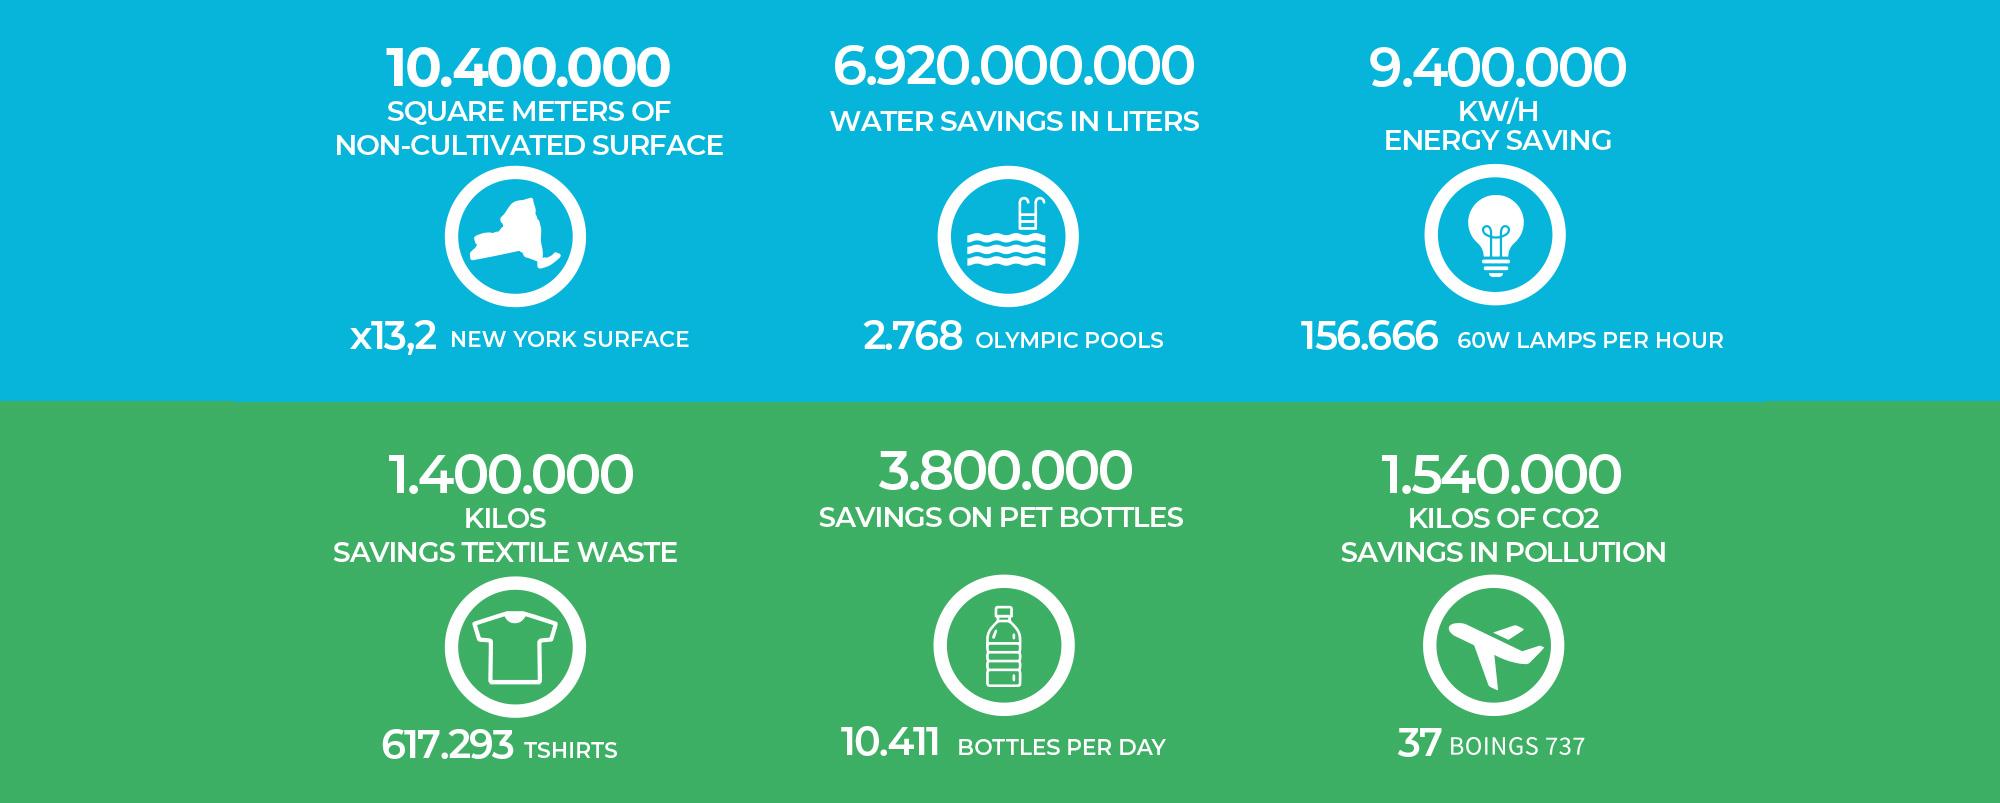 Ecolife Savings in 1 Year